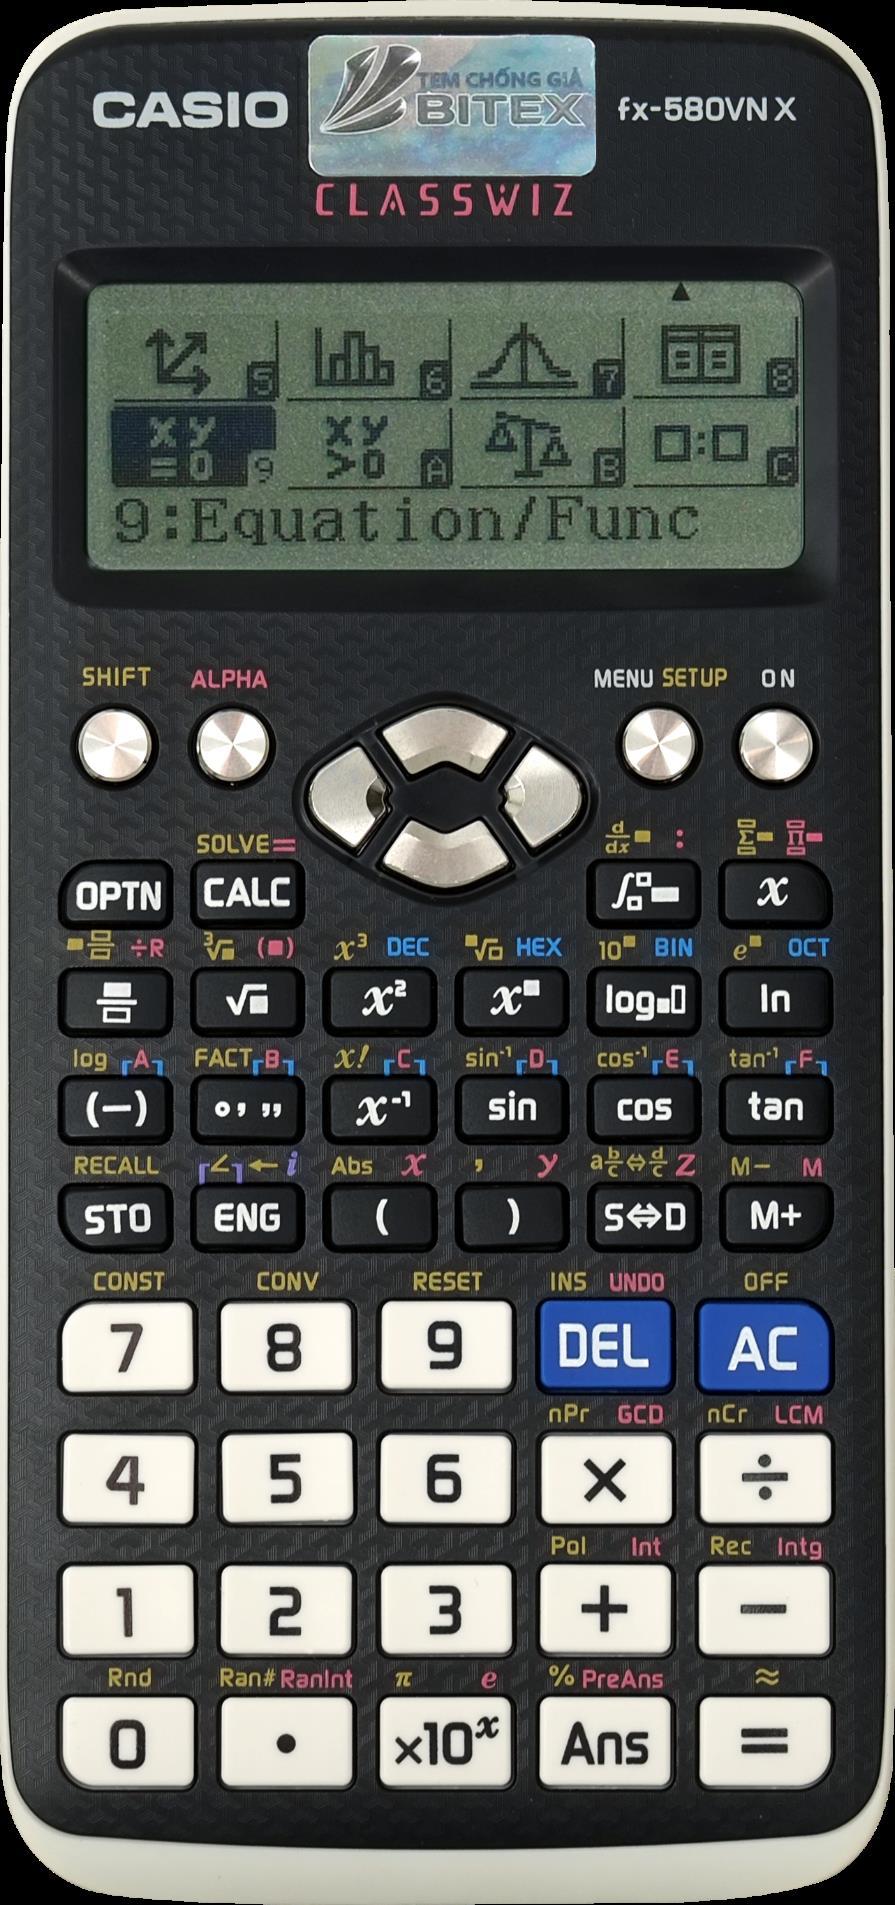 Phiên bản X của dòng máy tính Casio với 521 tính năng nổi bật - Ảnh 2.